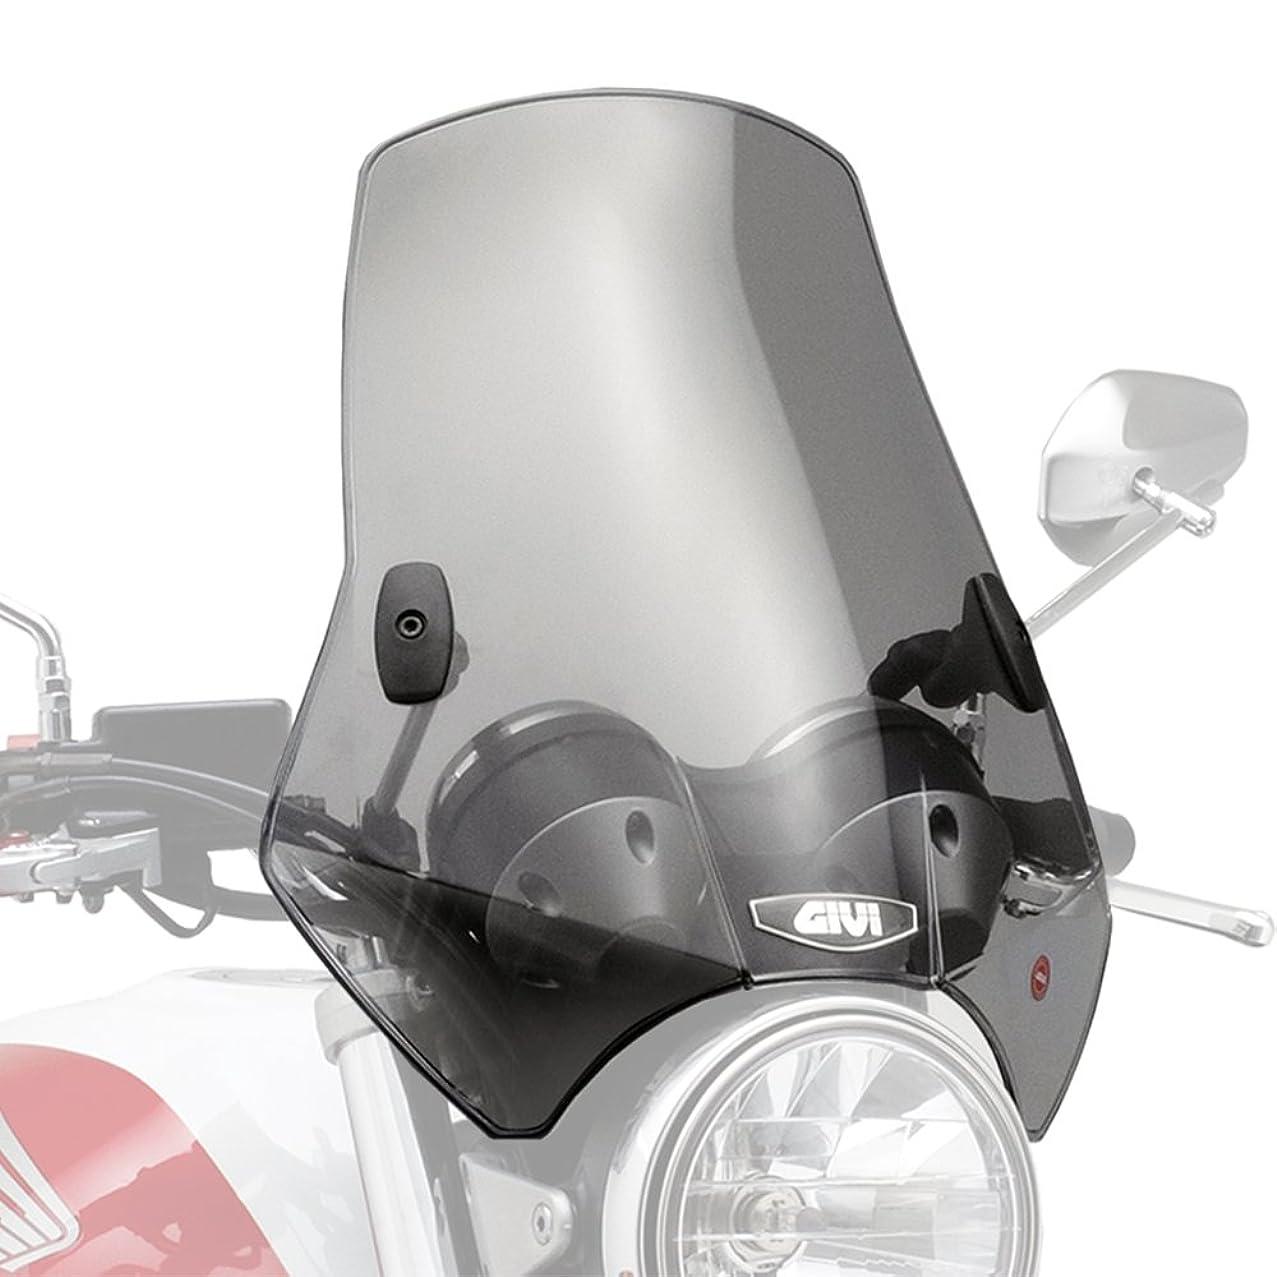 助けて感じる是正GIVI(ジビ)【イタリアブランド】 バイクウインドスクリーン(A660) CB1300SF('03-'13) 93957 高性能&スタイリッシュデザイン